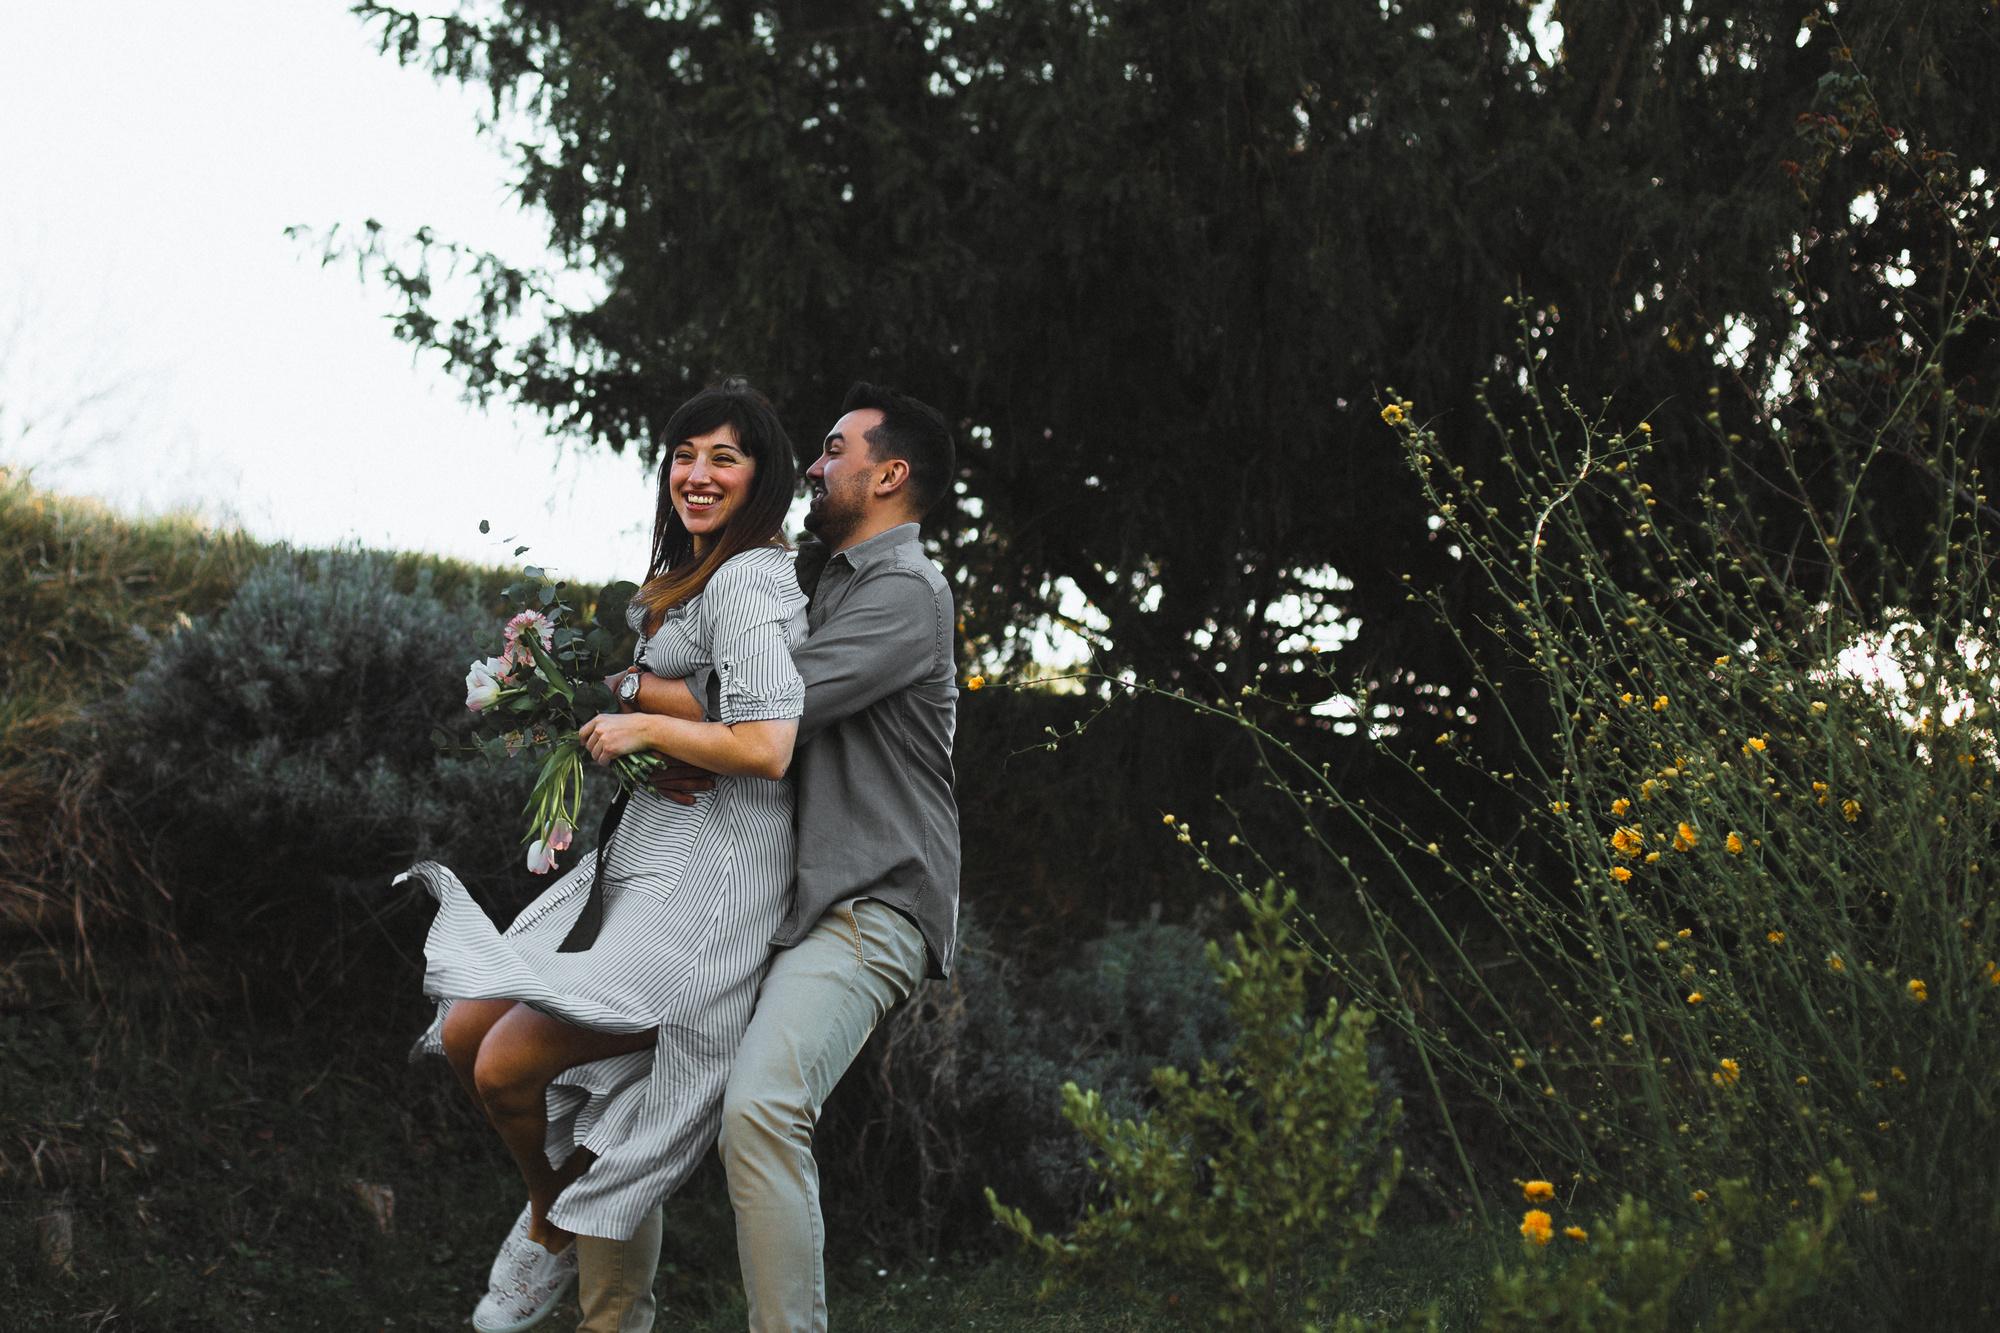 Ragazzo che prende in braccio la propria ragazza e gioca con lei, in mezzo ai fiori